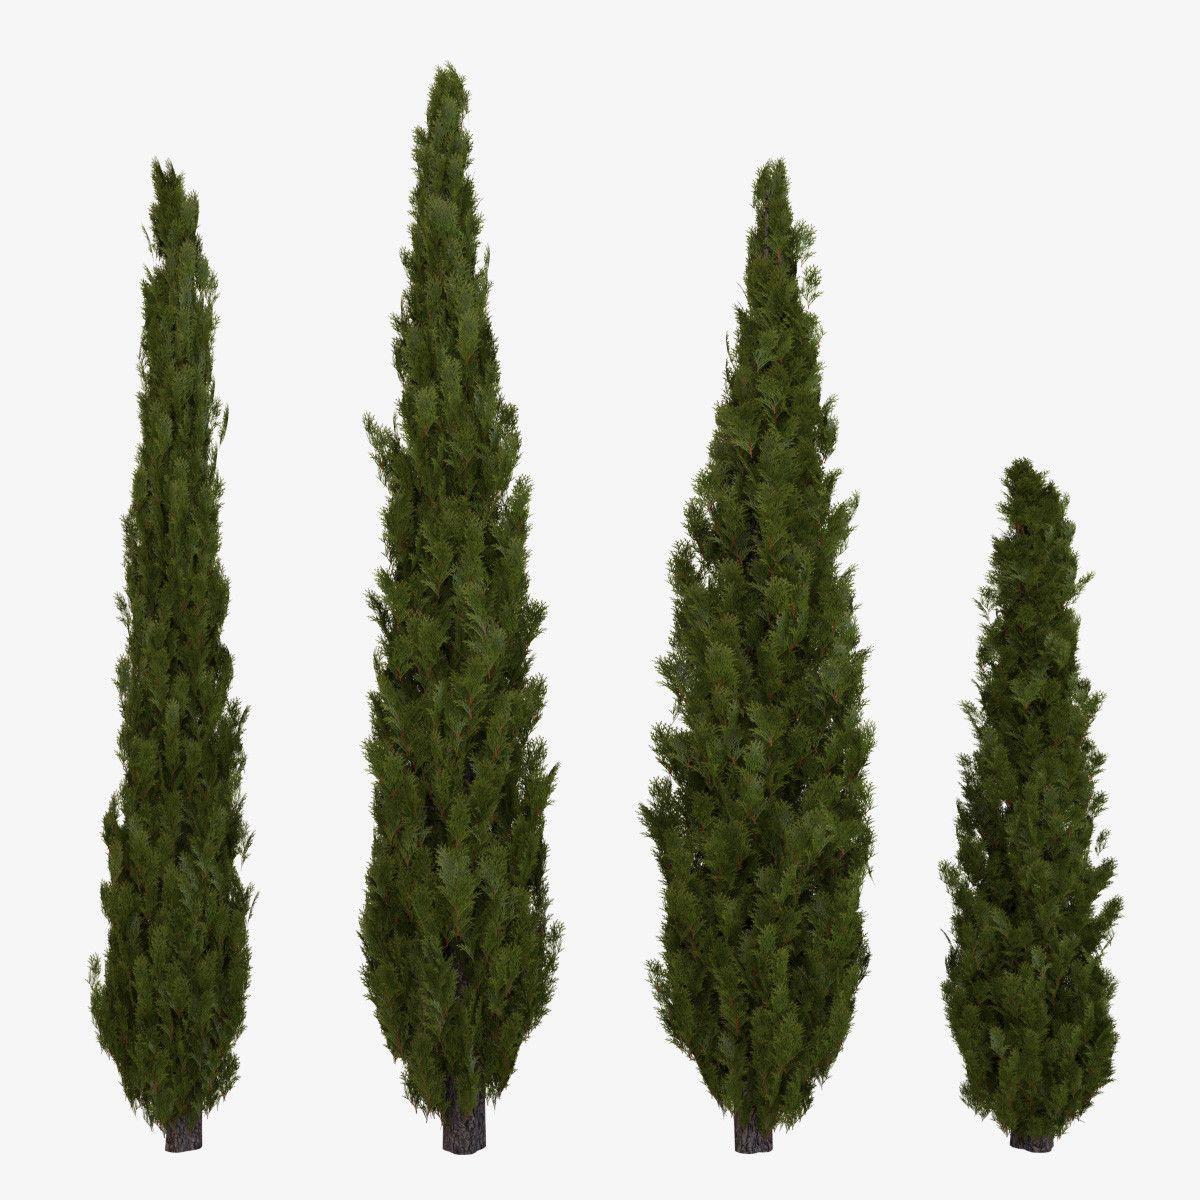 3d Model Of 4 Different Italian Cypress Trees Talian Cypress Plant Tree Shrub Columnar Greenery Planting G Italian Cypress Trees Italian Cypress Cypress Trees